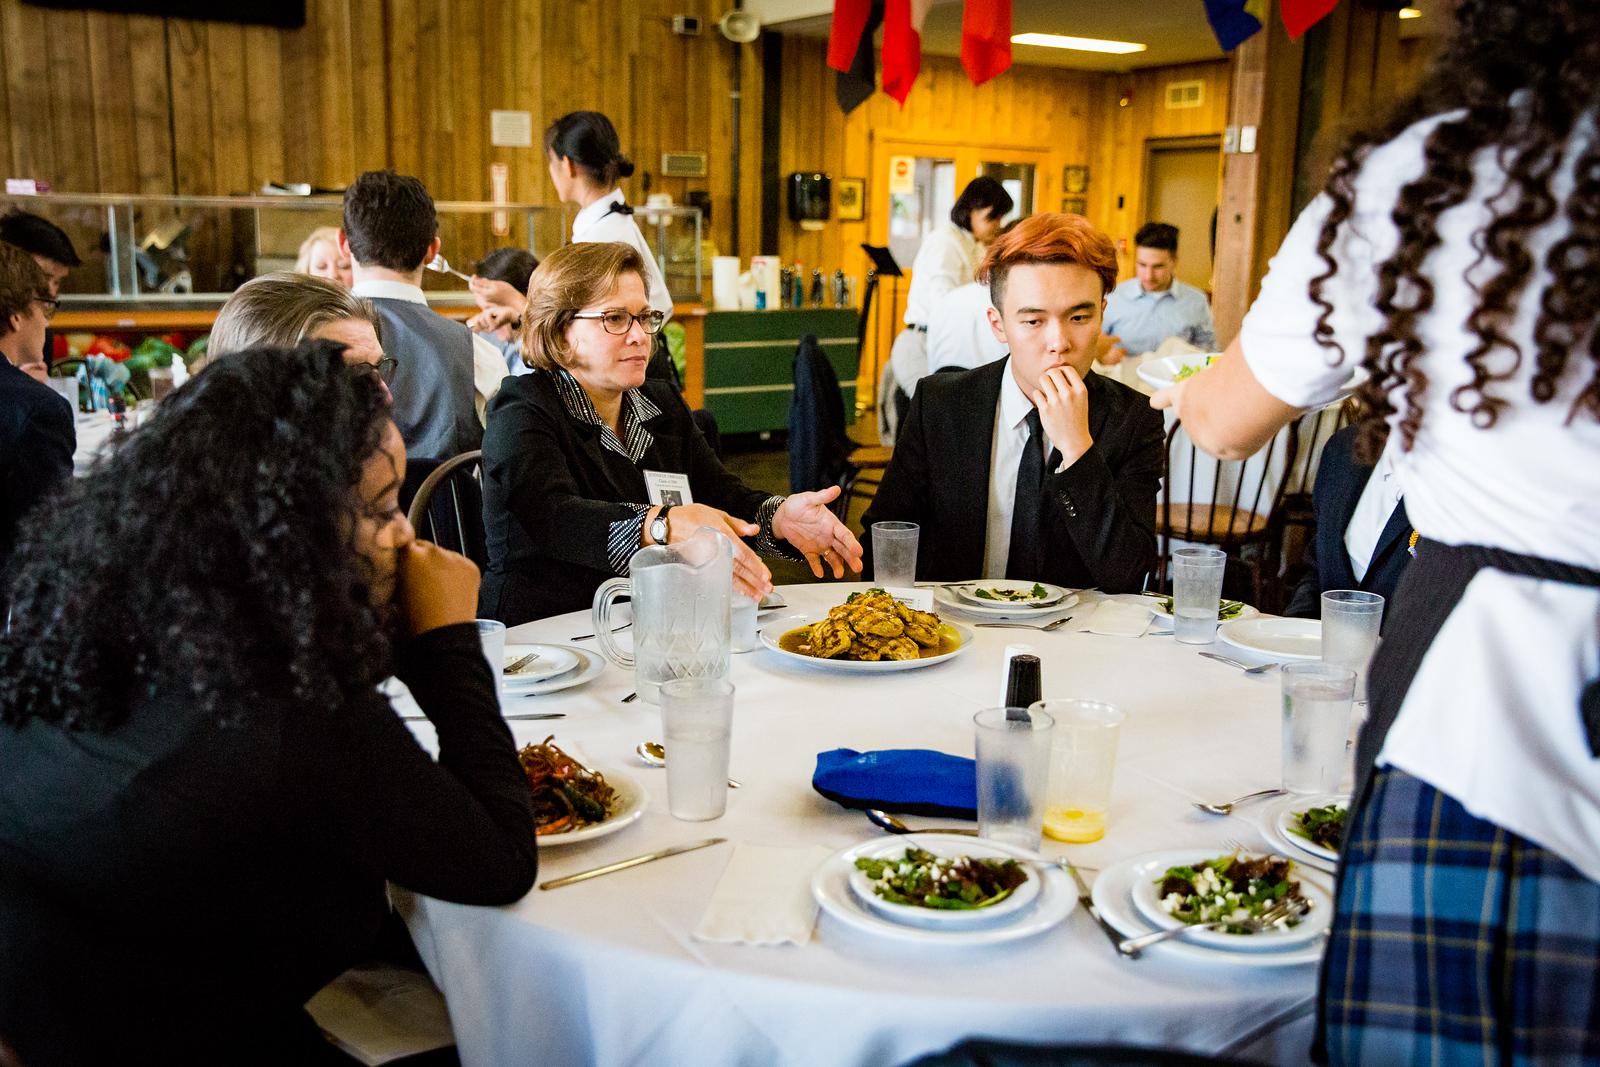 Jennifer Obregon '84 with students at Formal Dinner